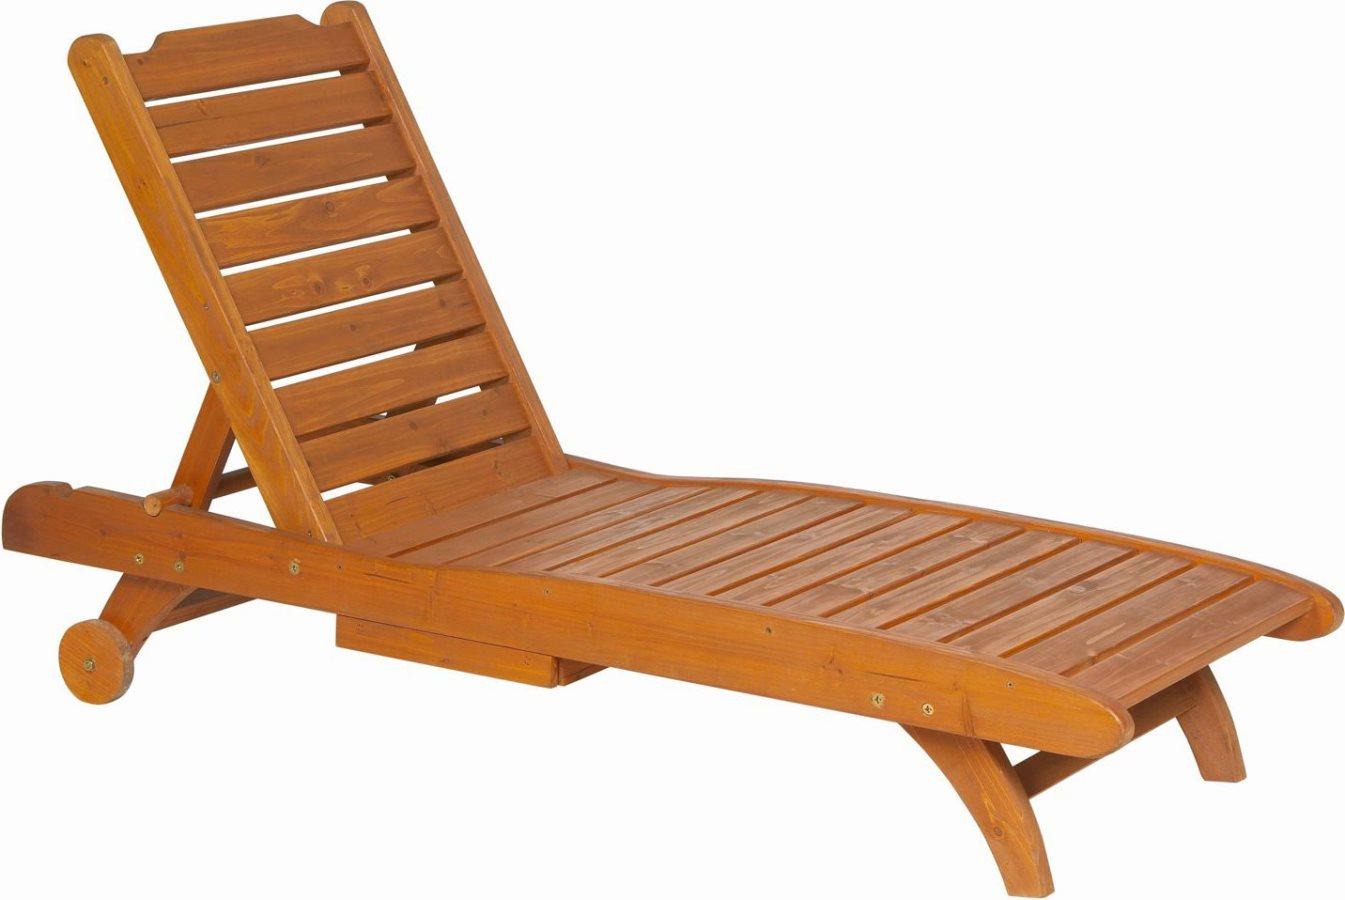 Sedie A Sdraio In Legno : Sdraio legno giardino sedie in legno ikea sedia pieghevole